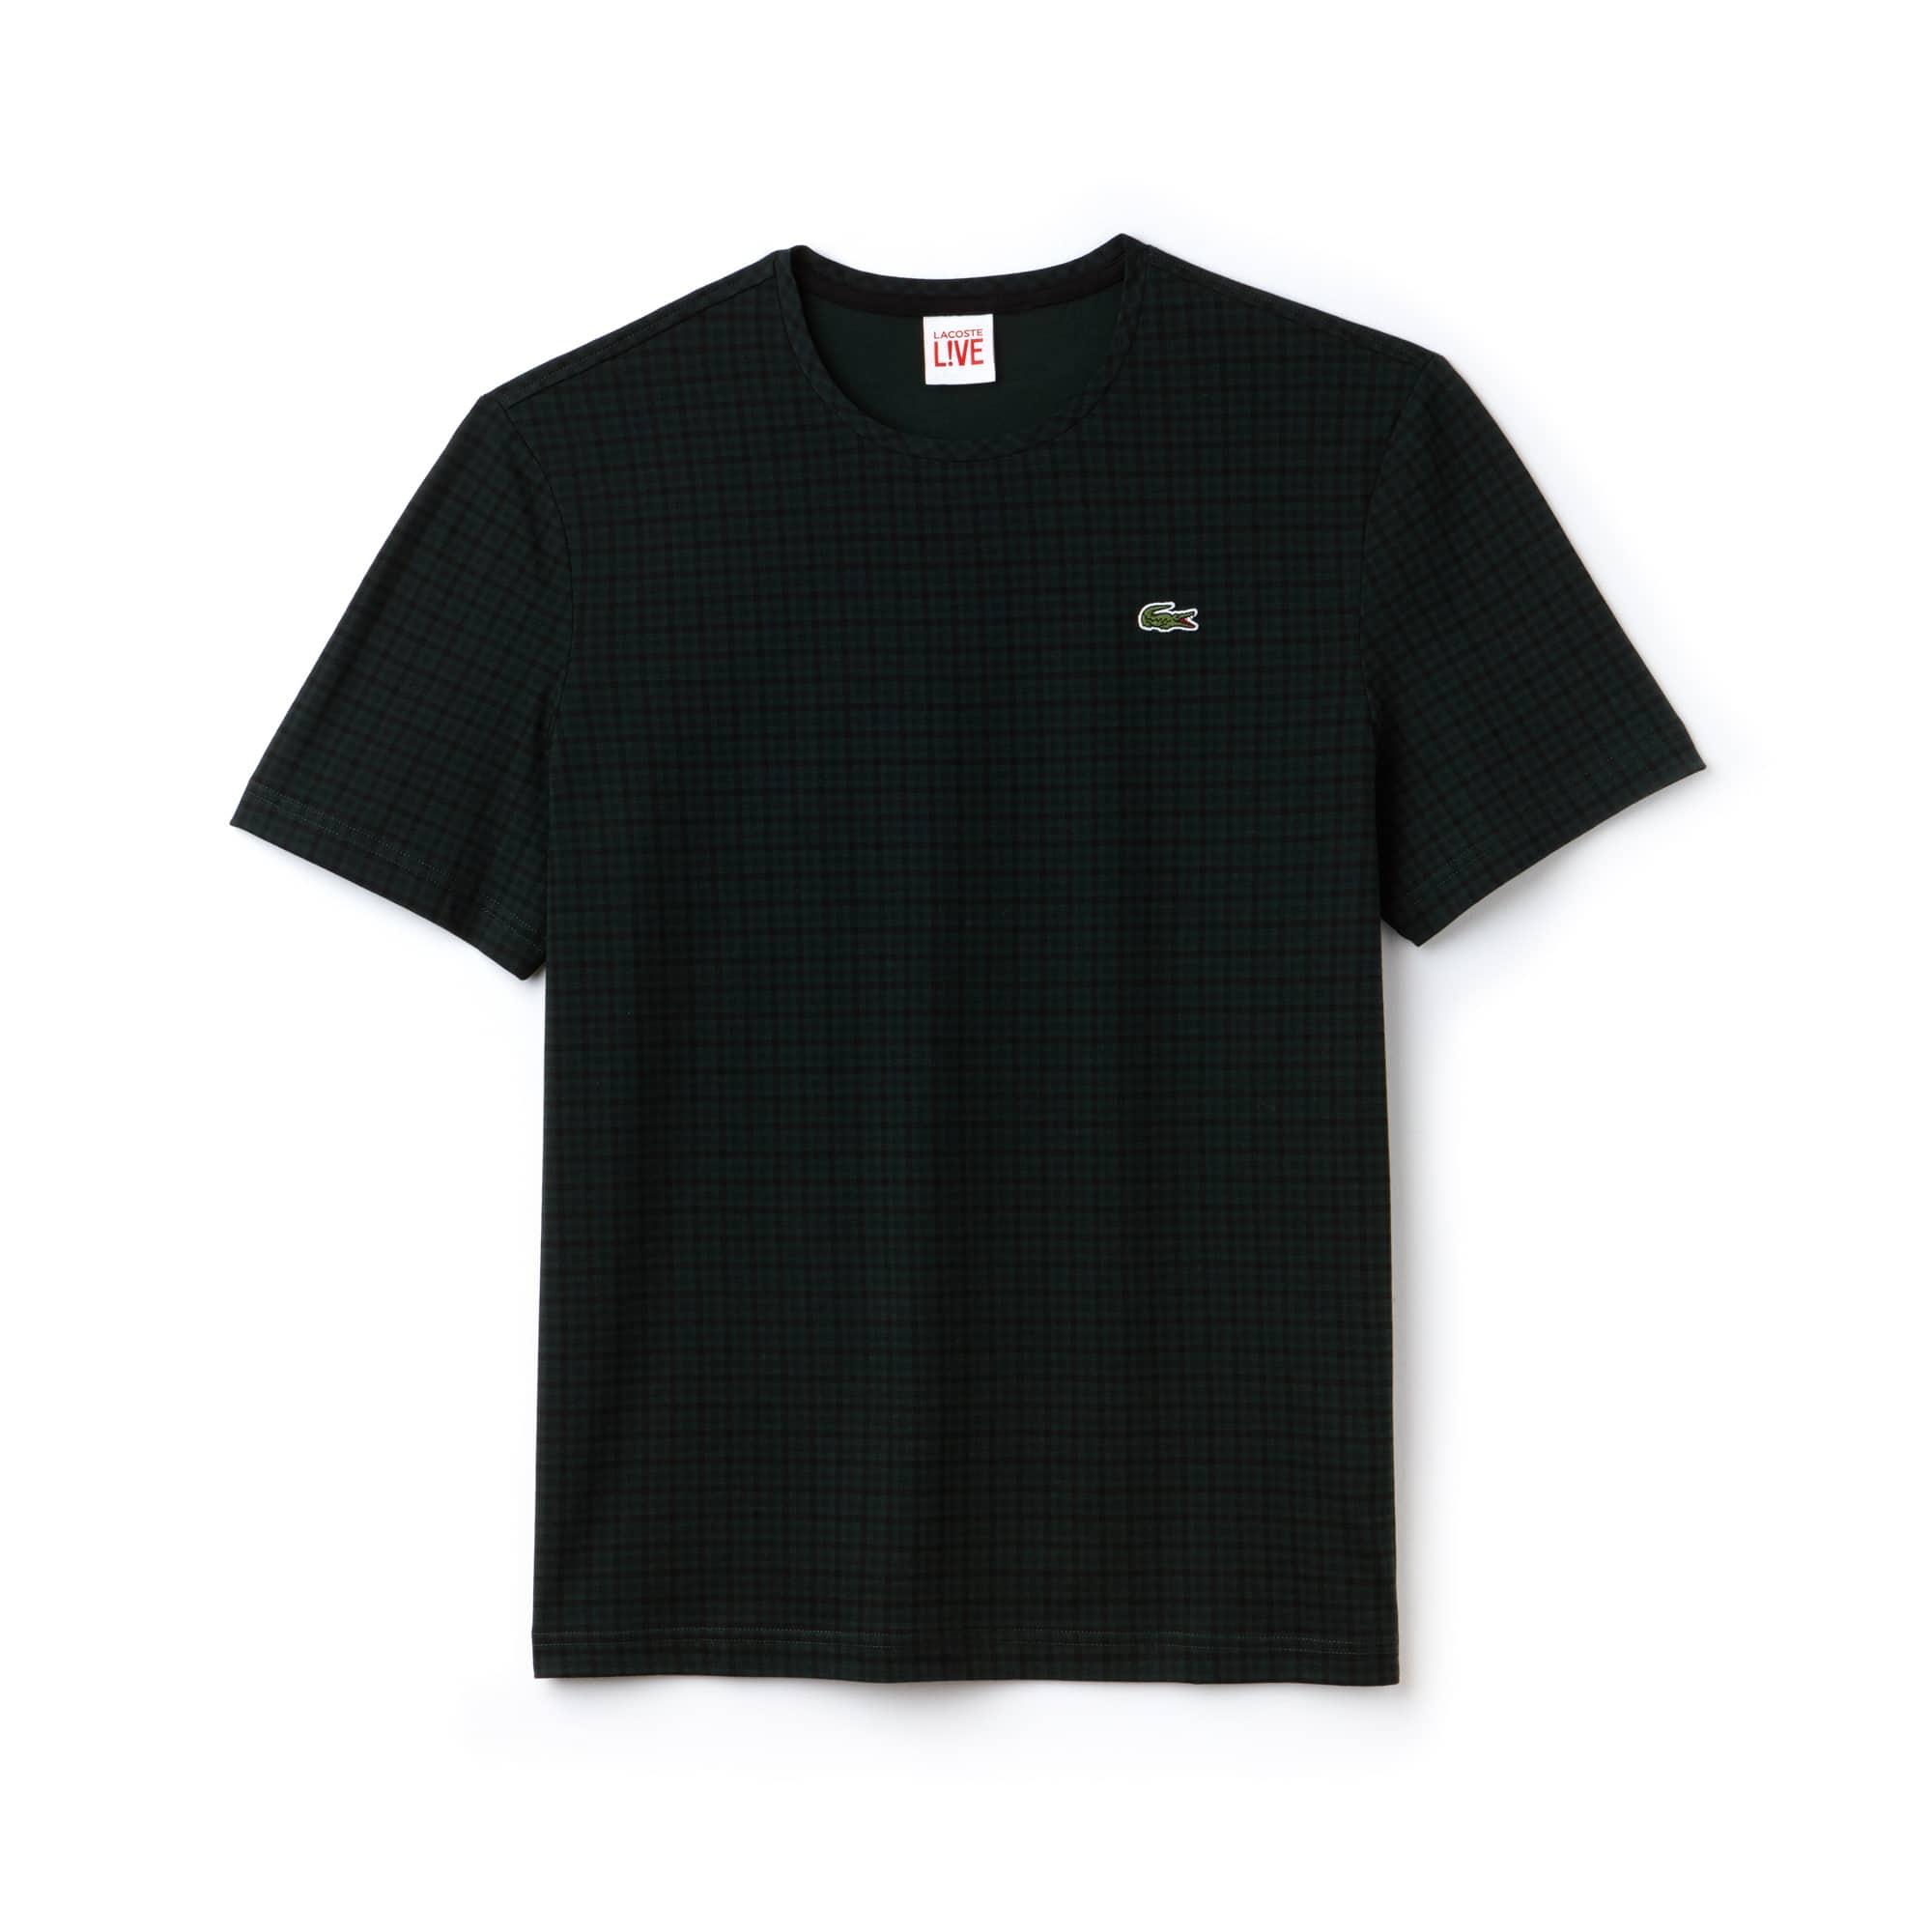 Herren-Rundhals-T-Shirt aus Leinen und Baumwolle LACOSTE L!VE